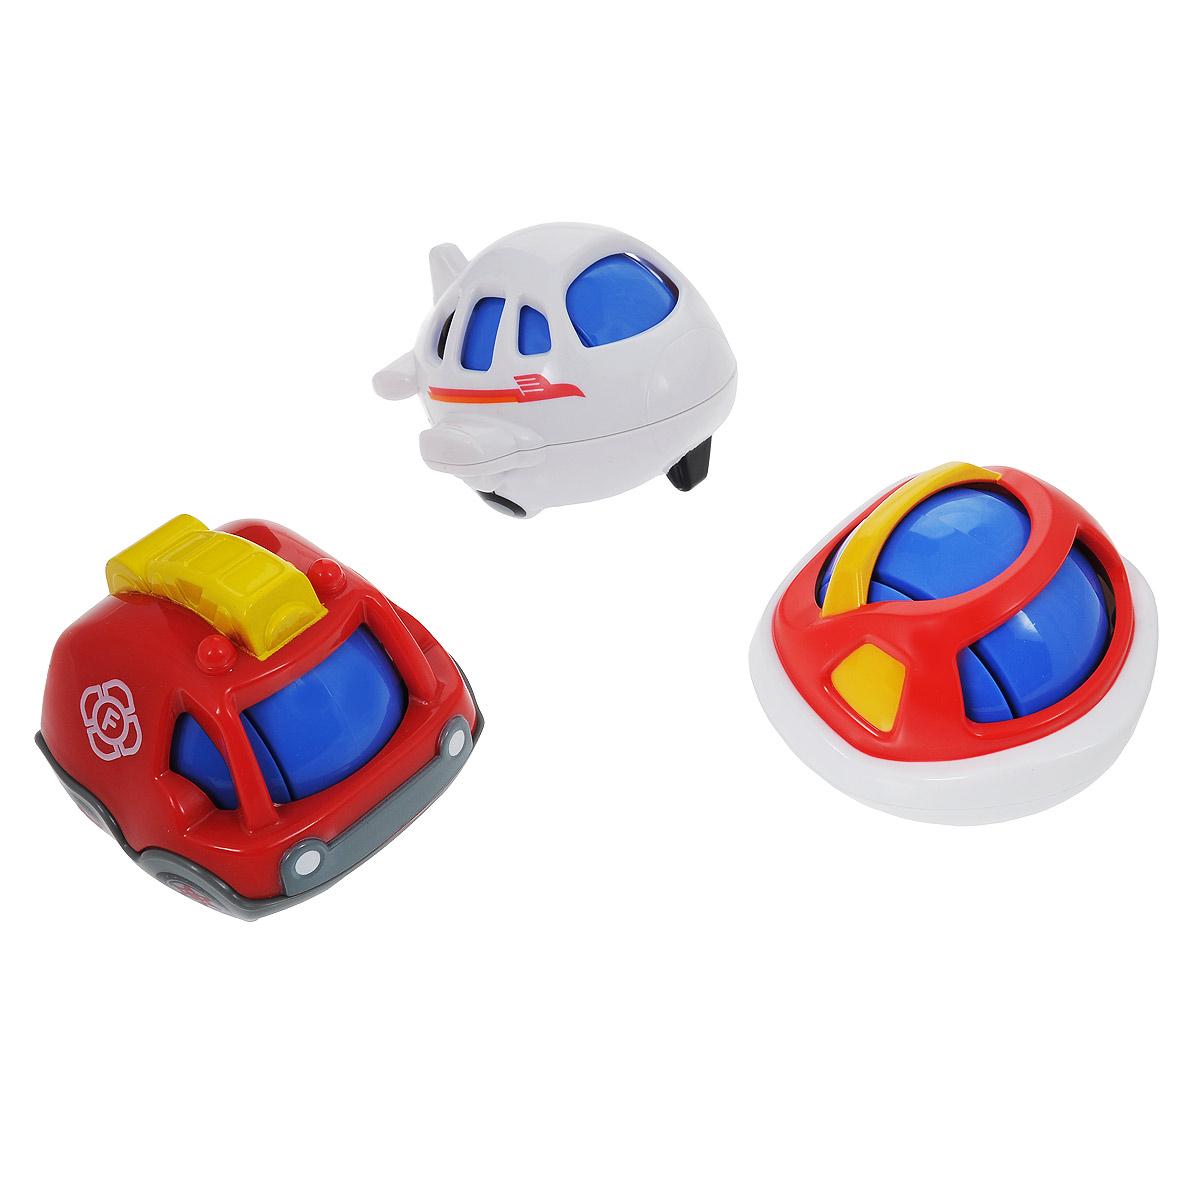 Playgo Развивающая игрушка Игровой транспорт, 3 предметаPlay 2860Развивающая игрушка Playgo Игровой транспорт привлечет внимание вашего малыша и подарит много часов, посвященных игре с ней! Изготовлены игрушки из высококачественных материалов и выполнены в ярких цветах. В комплекте представлены три игрушки в виде машинки, самолета и катера. У каждой игрушки внутри шарик, за счет чего их можно катать. Если начать катать игрушки или потрясти, то будут издаваться звонкие звуки. С такой игрушкой малышу никогда не будет скучно. Развивающий игрушка Игровой транспорт поможет малышу развить слуховое и цветовое восприятия, мелкую моторику рук и концентрацию внимания, стимулирует взаимодействие между органами осязания, слухом и зрением, учит различать формы и цвета.